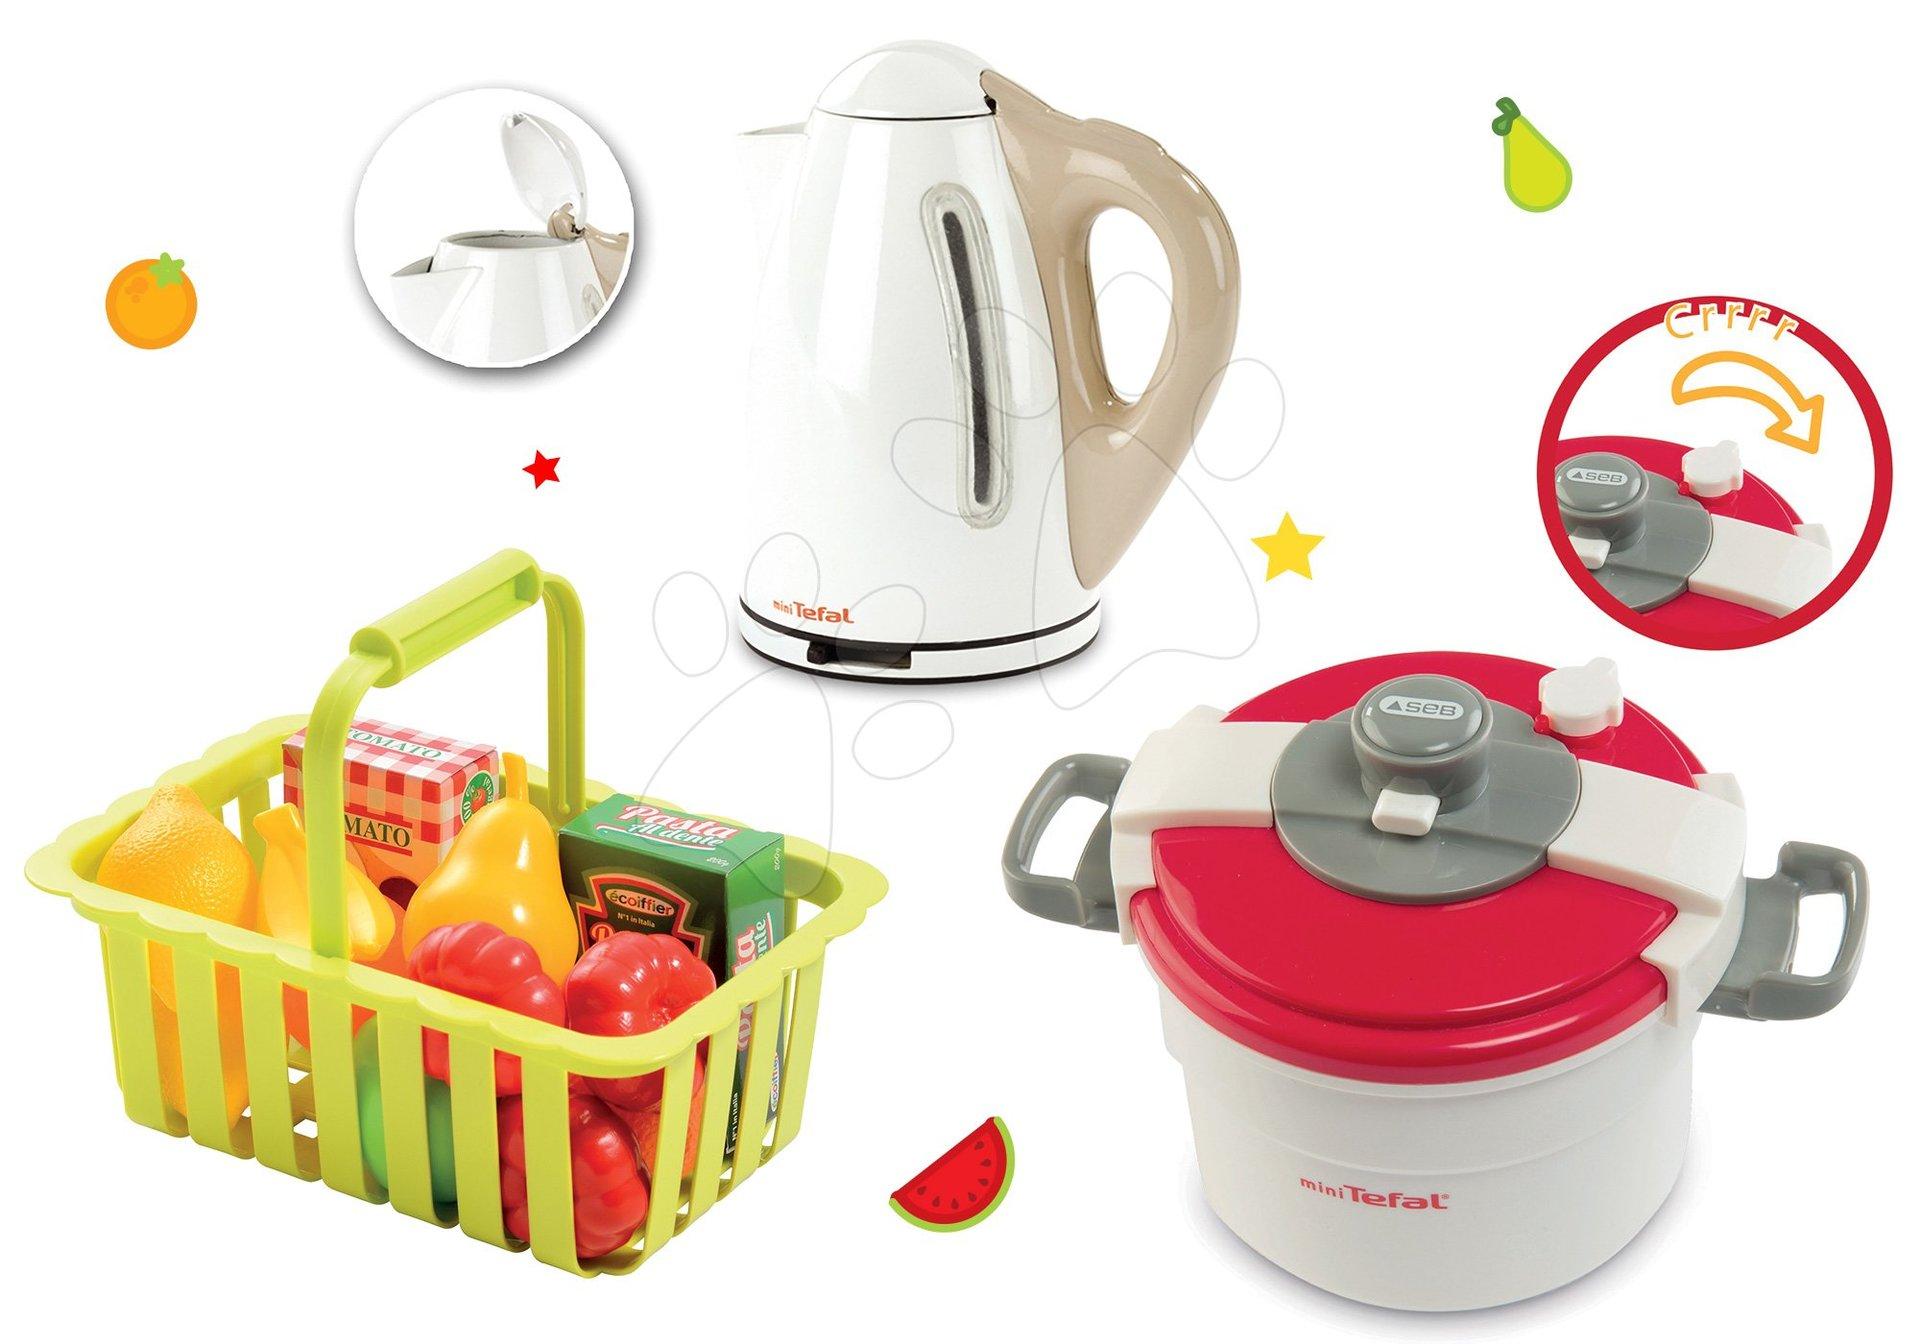 Smoby kuchynské spotrebiče pre deti Mini Tefal a ovocie 310501-3